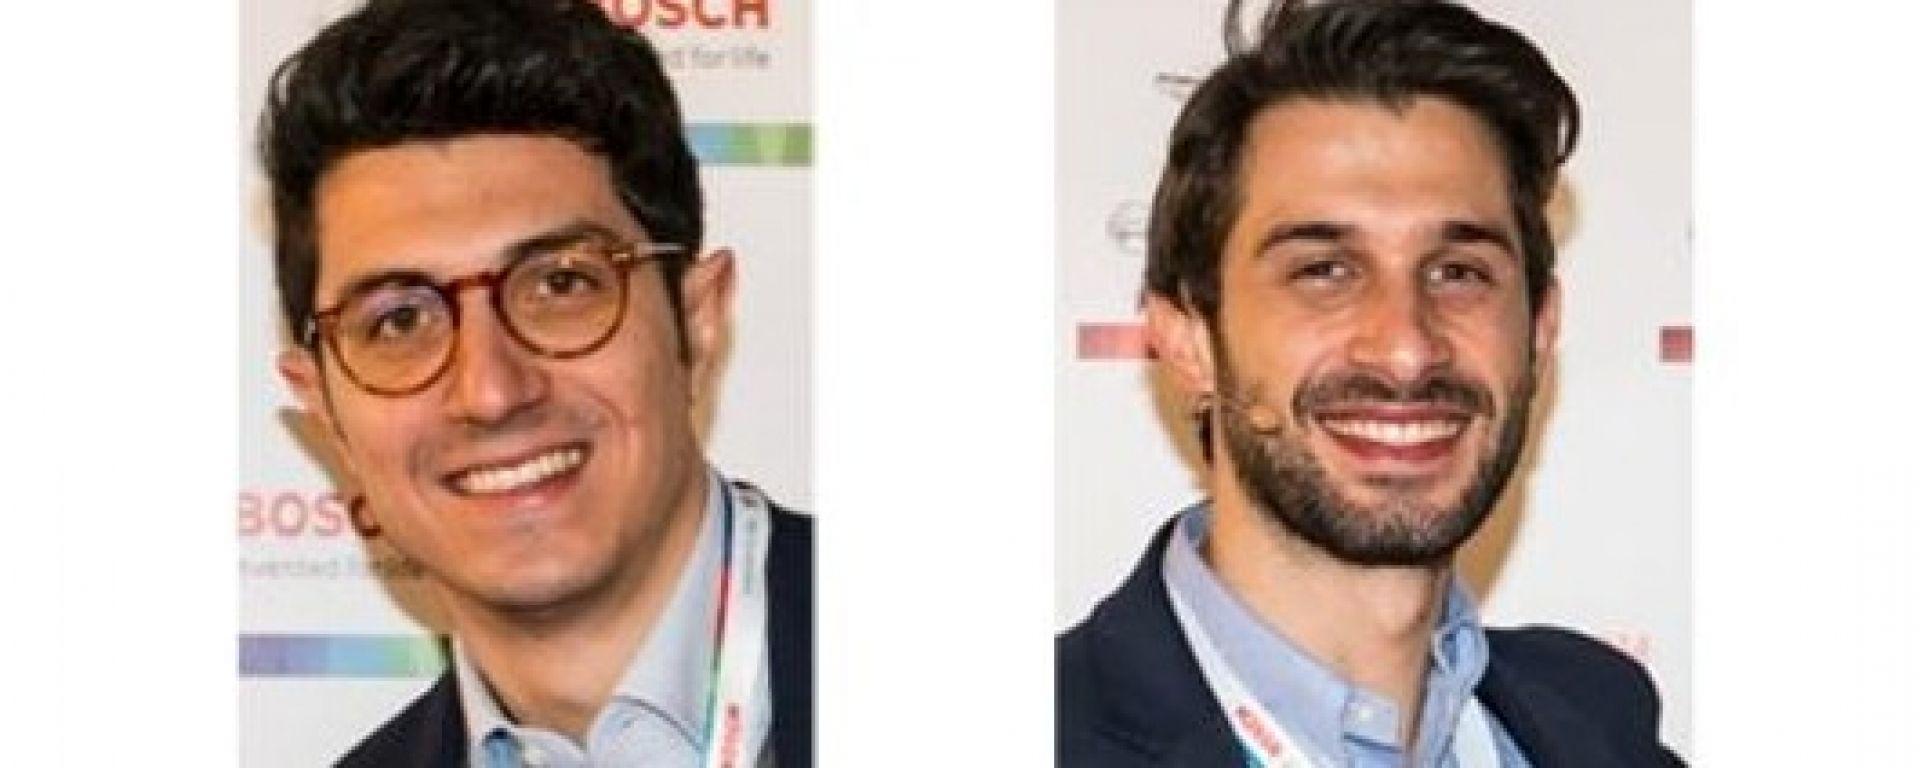 Bosch Italia: Mauro Guerrini è il nuovo Marketing Communication Manager